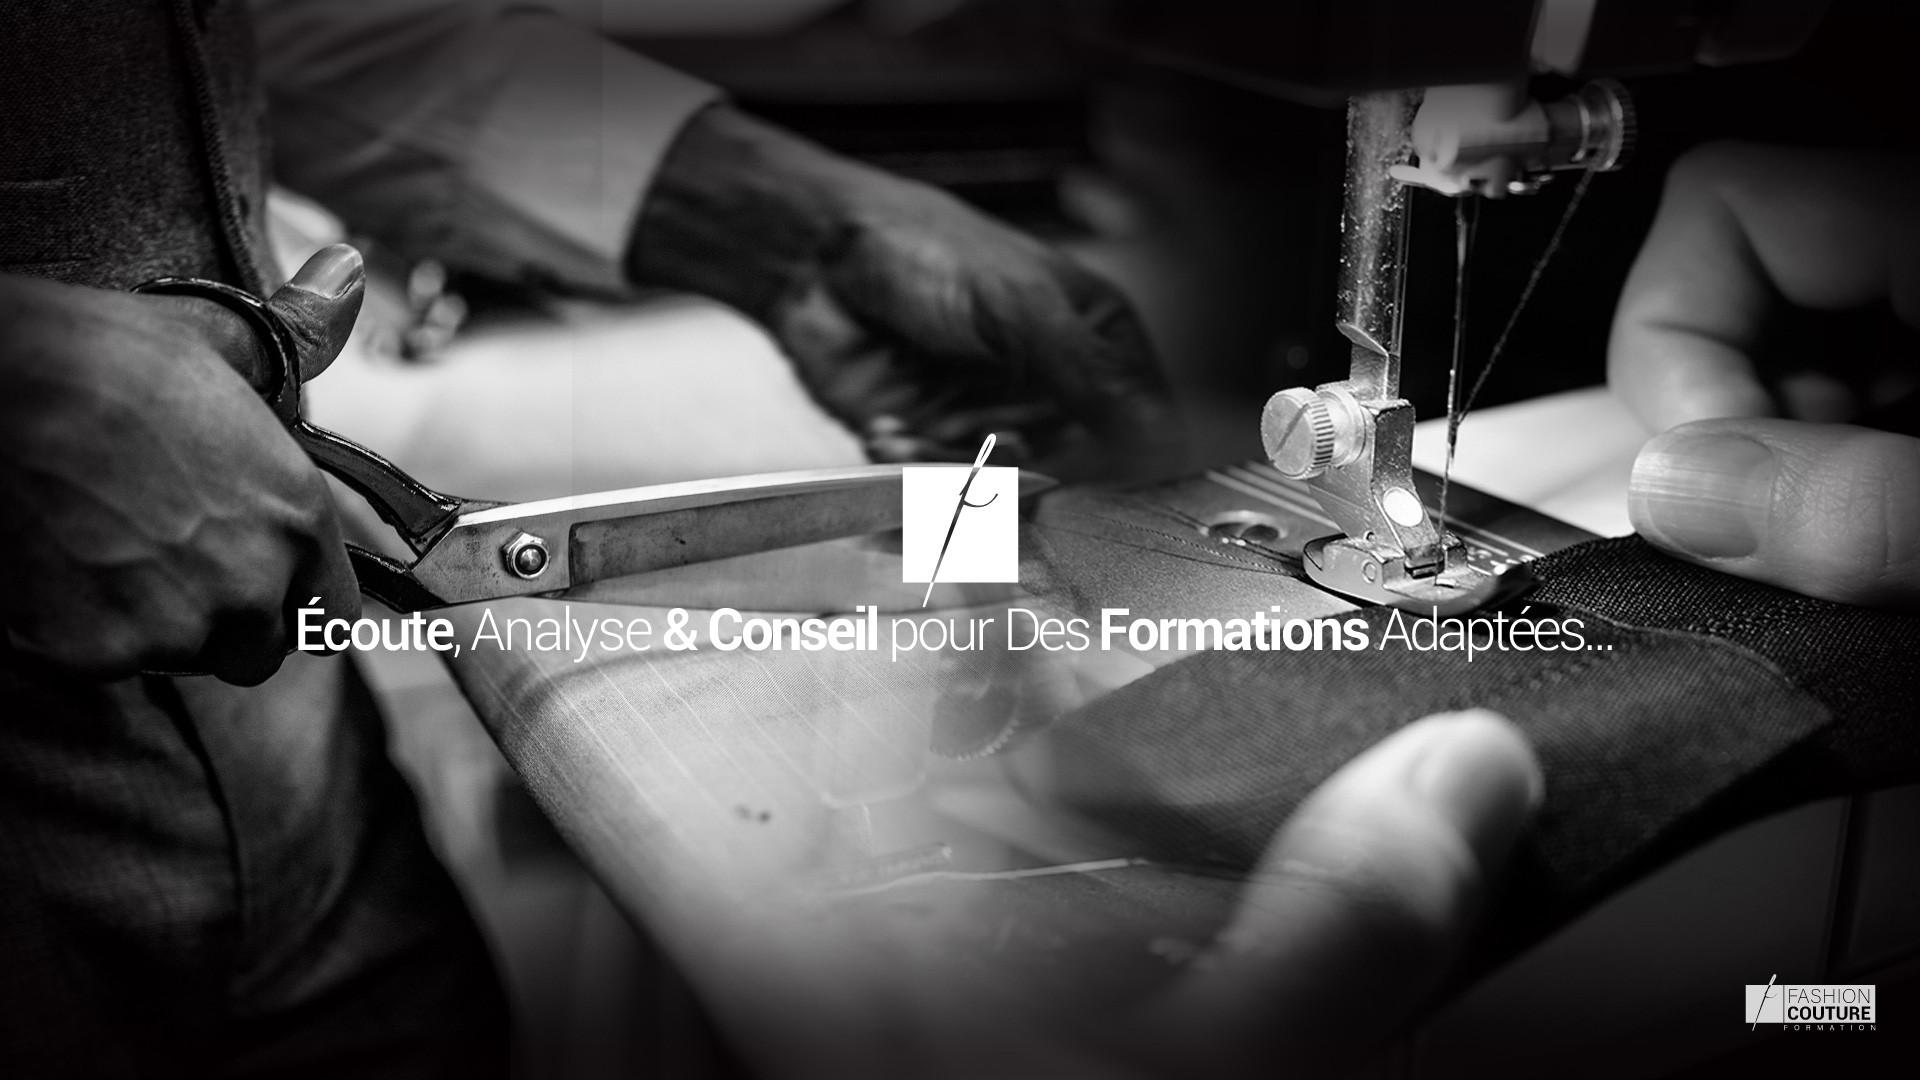 Écoute, Analyse & Conseil pour Des Formations Adaptées...